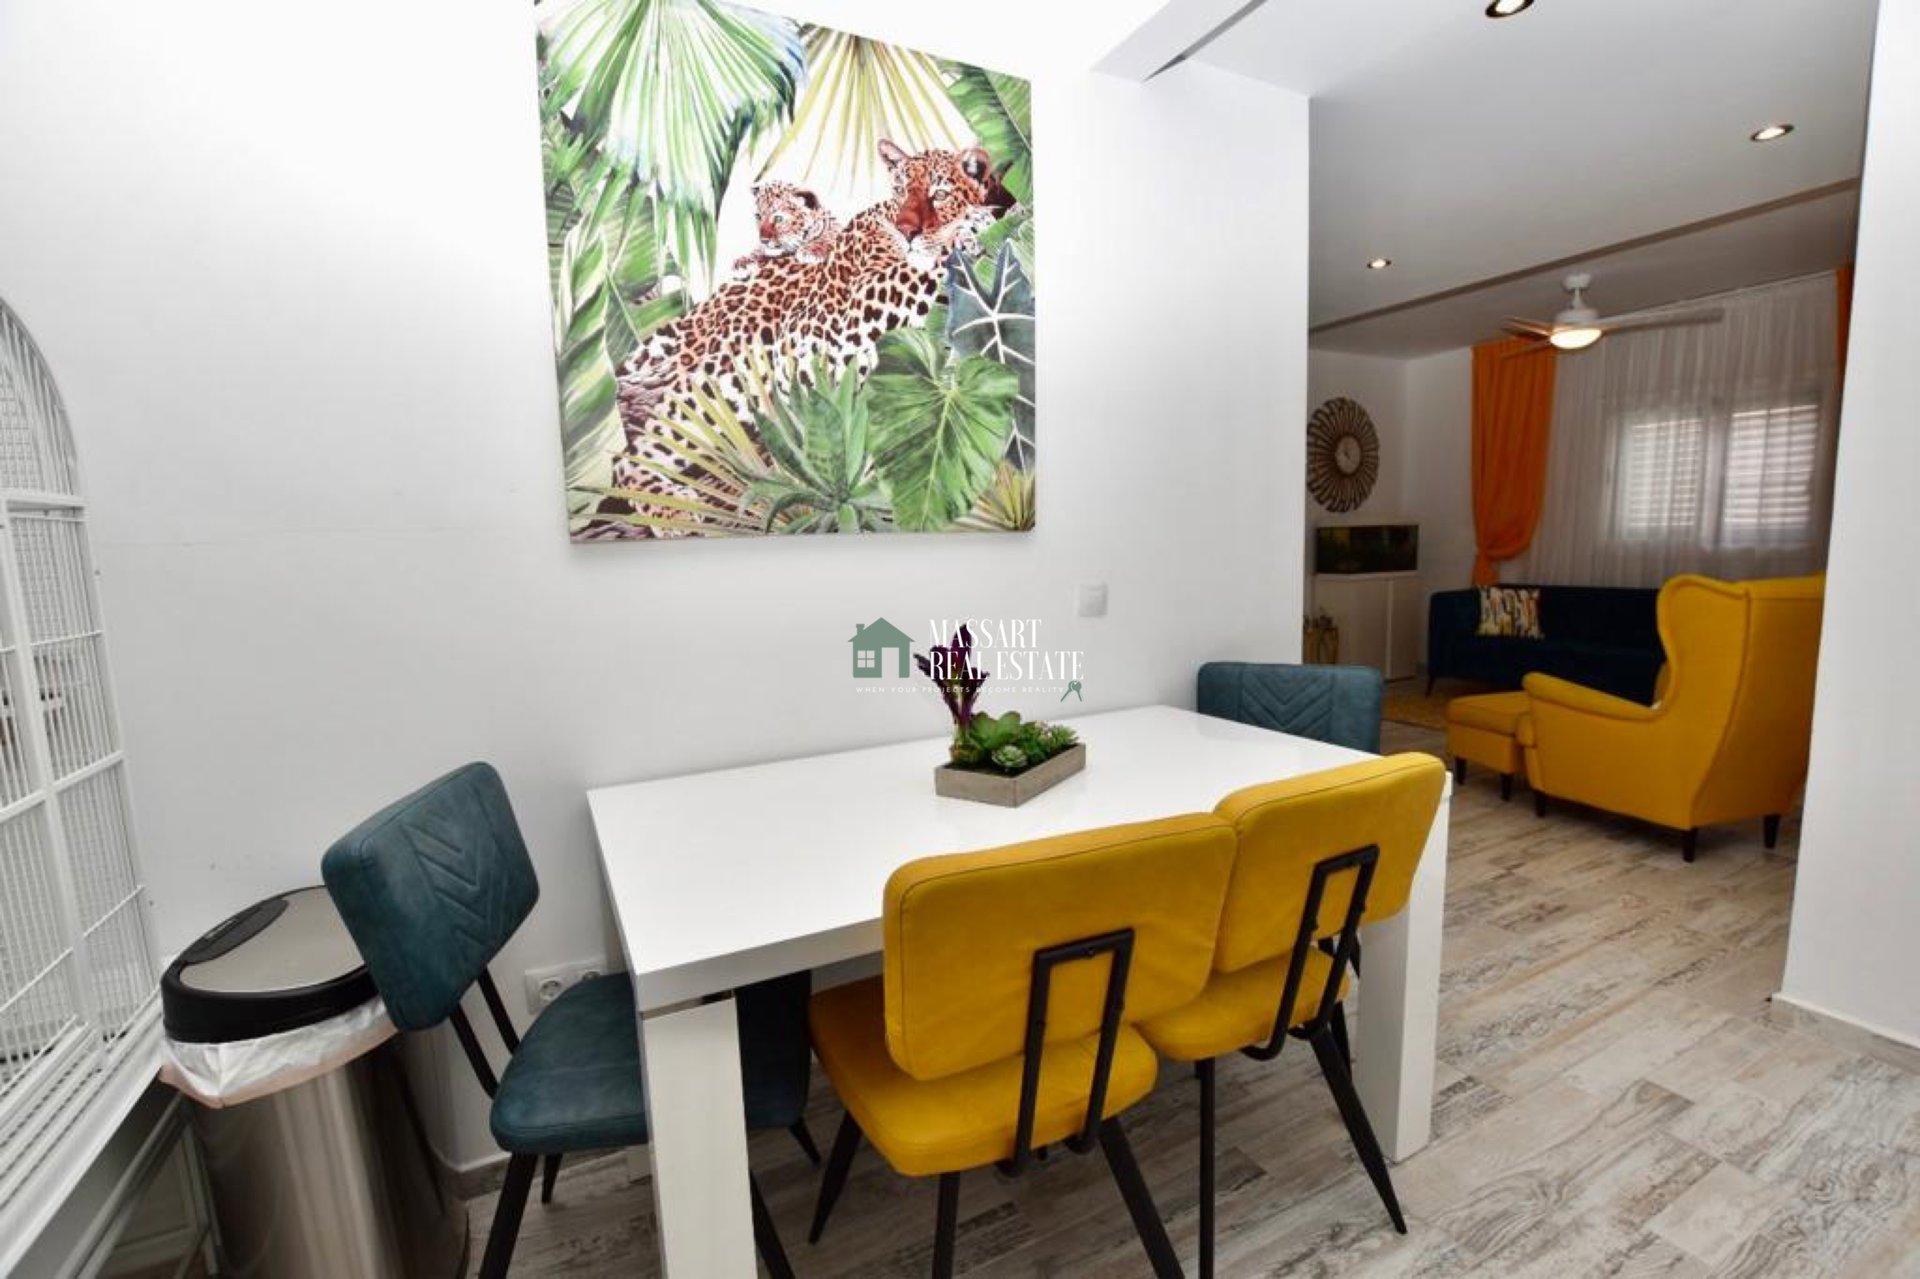 Gemeubileerd appartement van 73 m2 gelegen op de begane grond in een centrale wijk van Fañabé pueblo (Adeje).